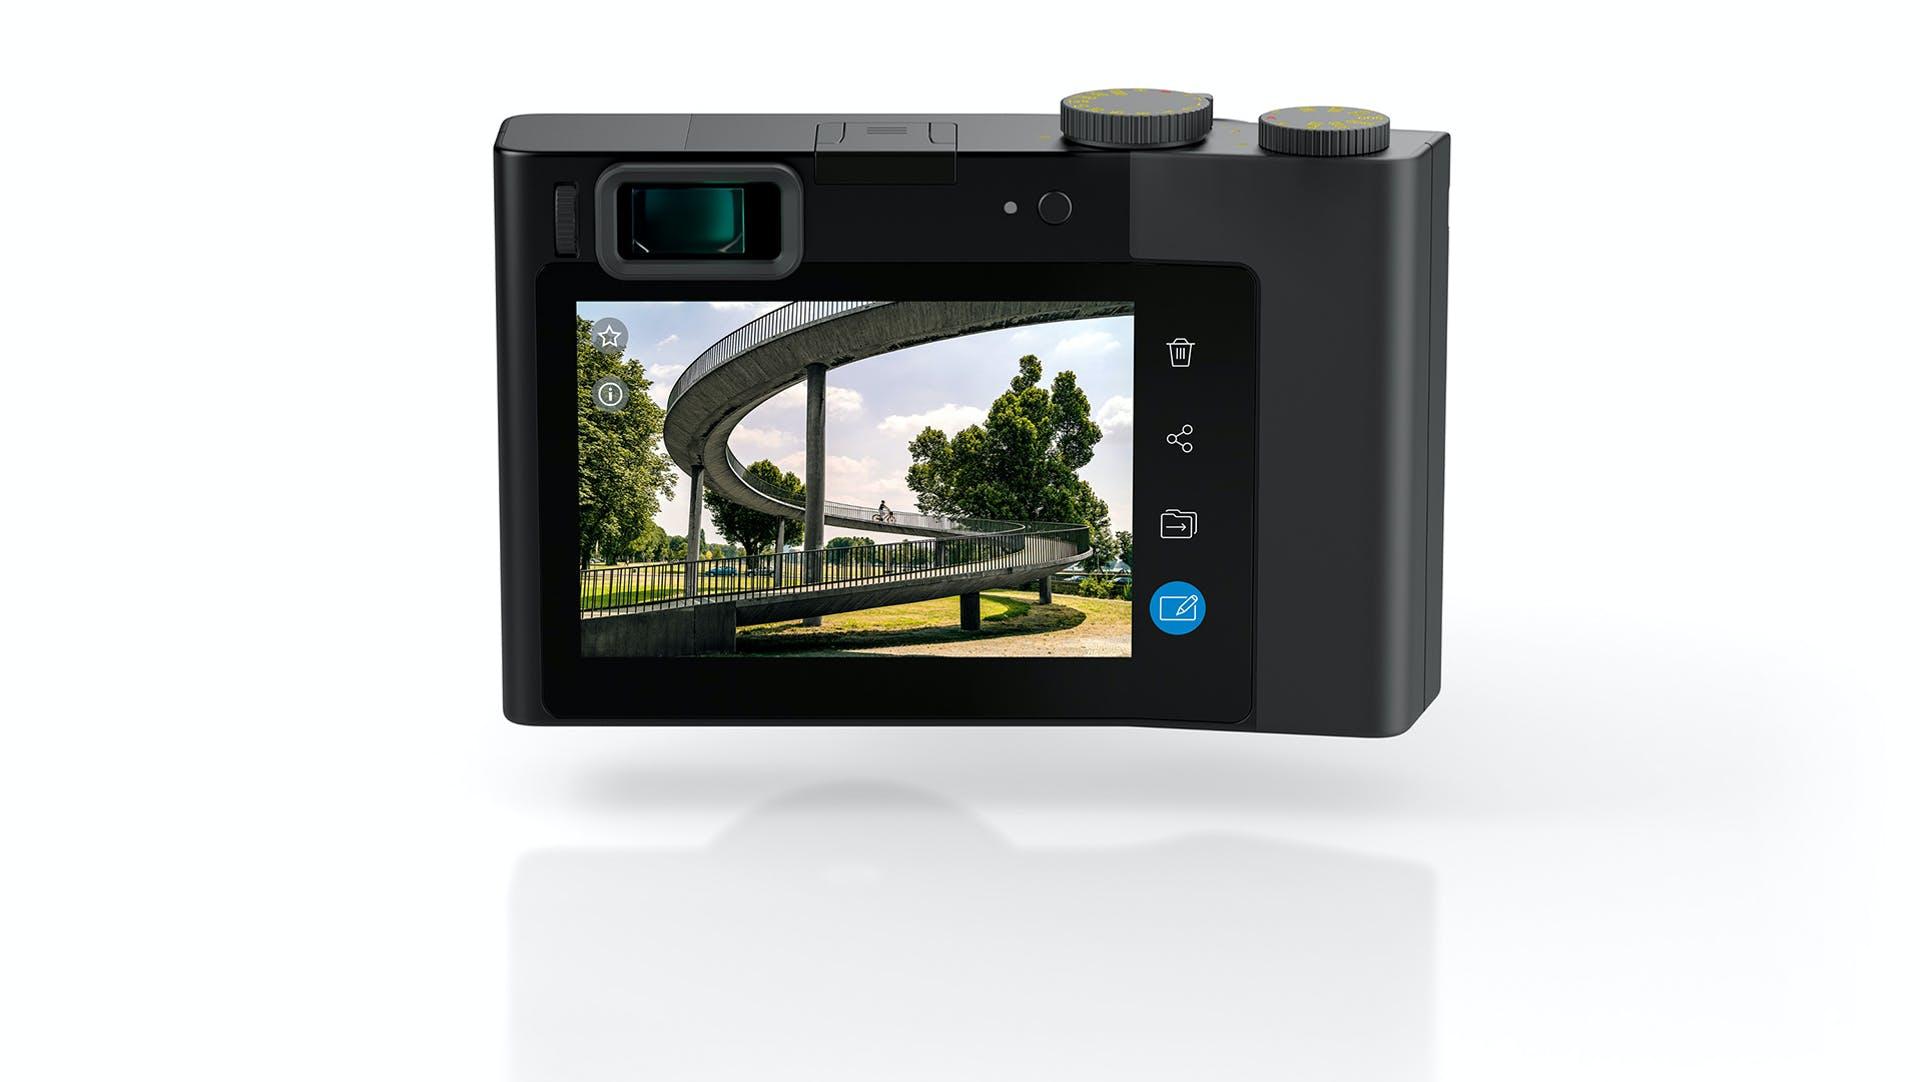 Smarte Kamera